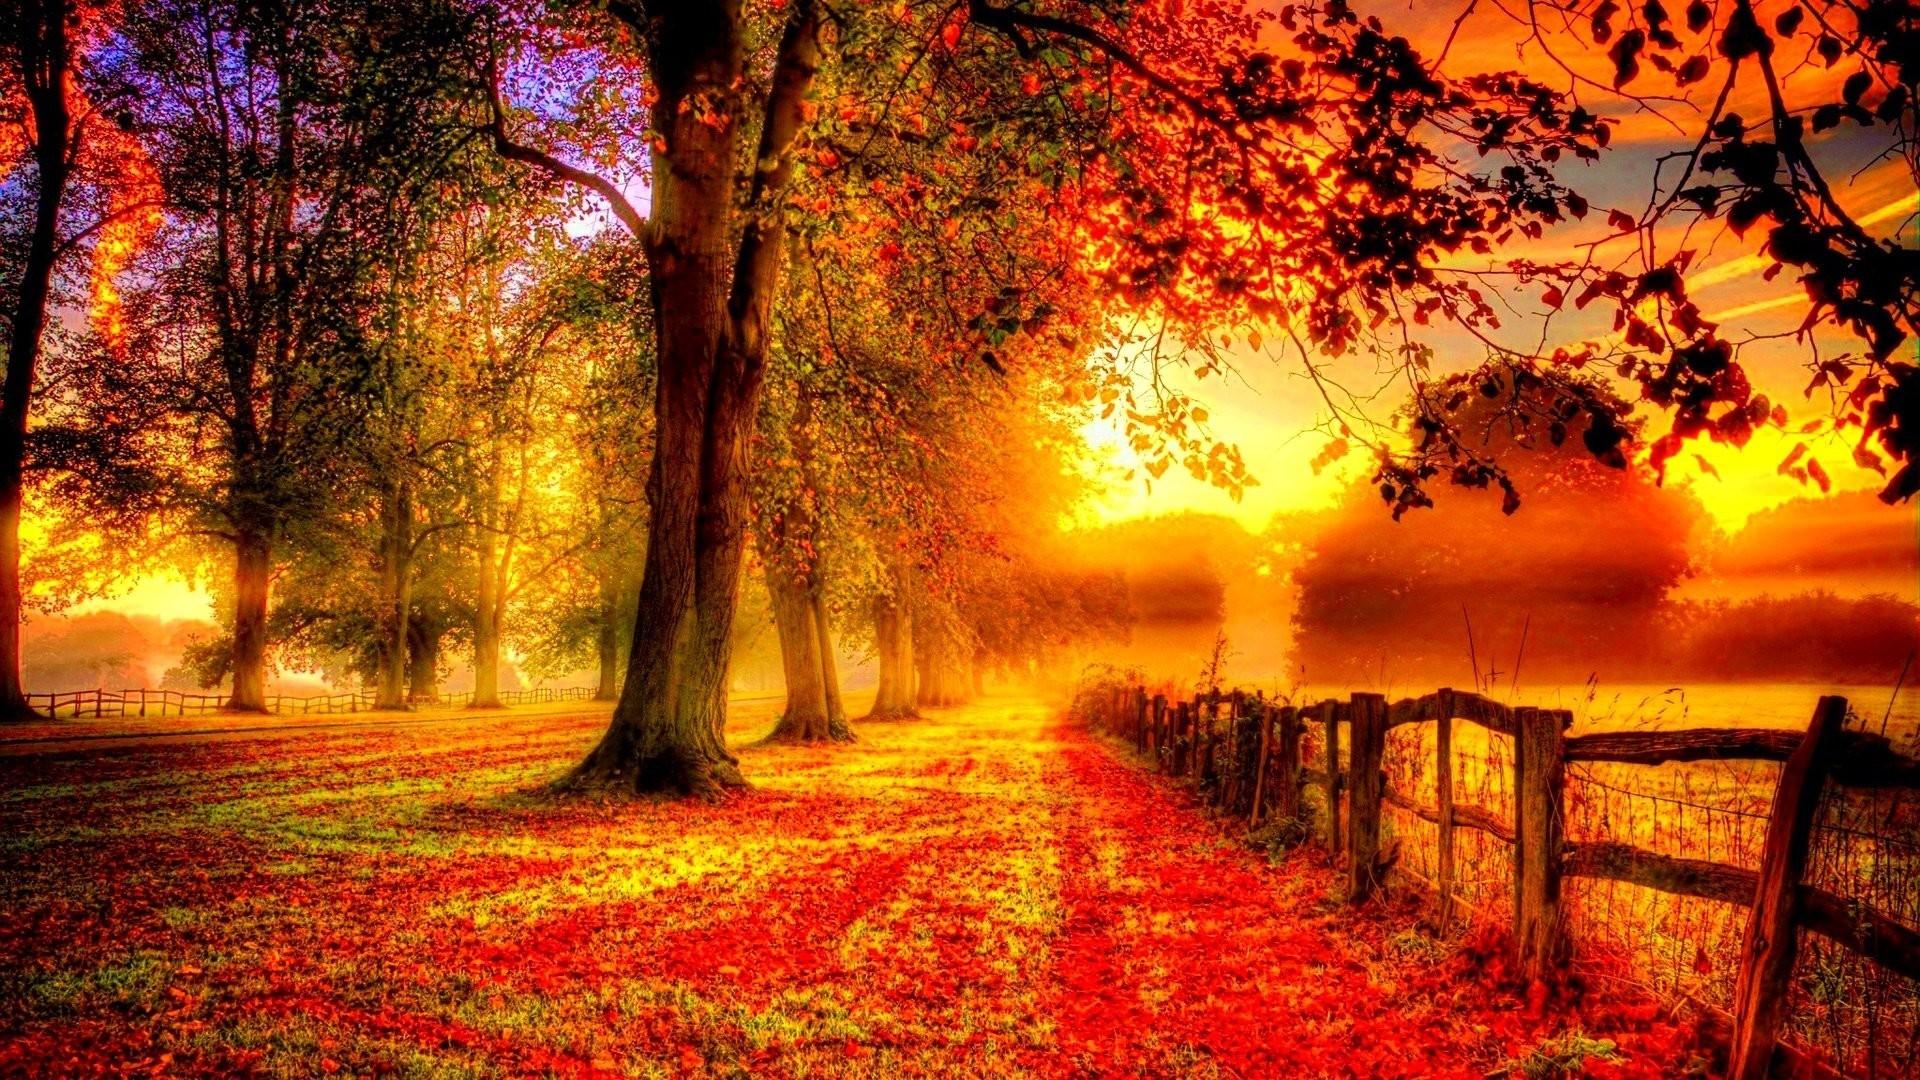 autumn season - photo #37